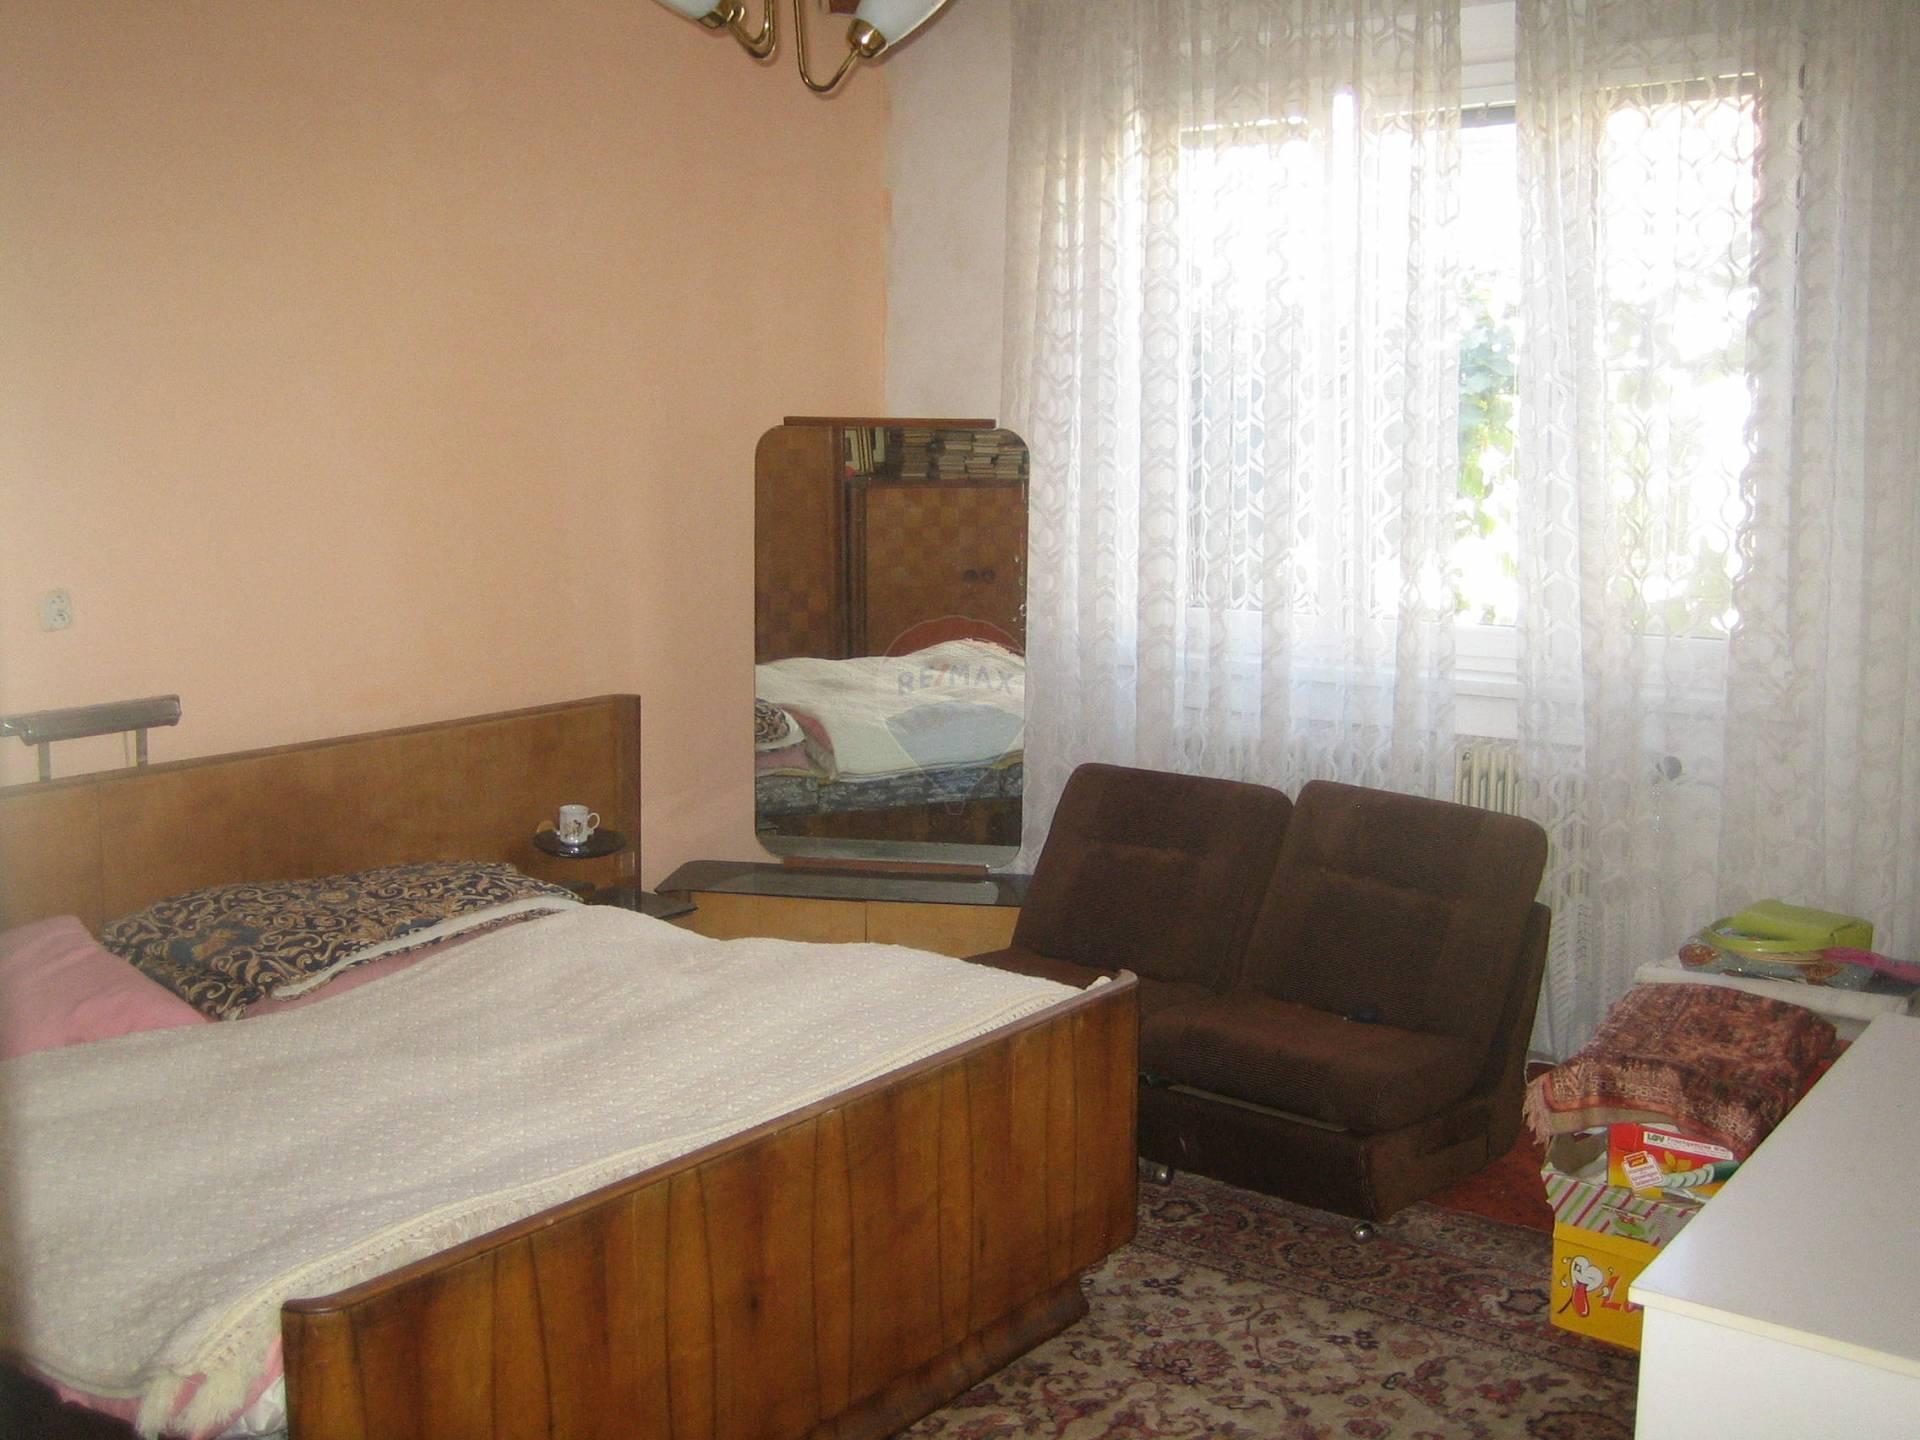 Predaj domu 240 m2, Trnava - spálňa